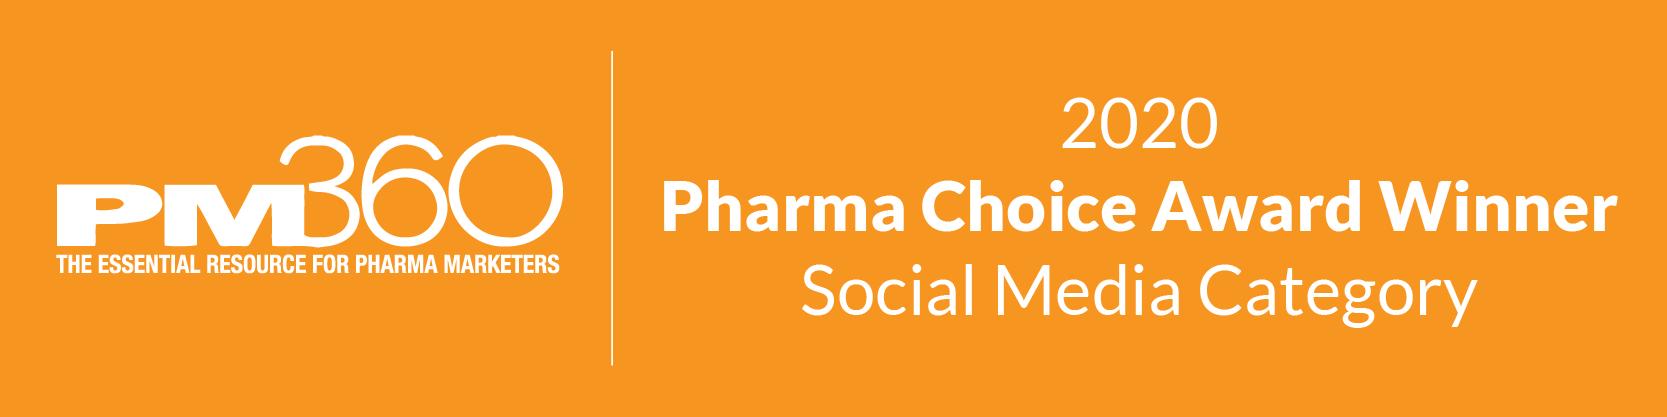 PM360 2020 Pharma Choice Award LiveWorld Social Media